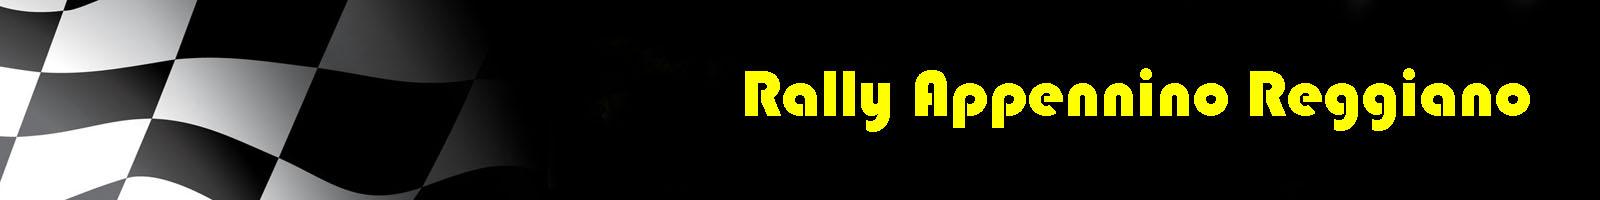 002 Rally Appennino Reggiano